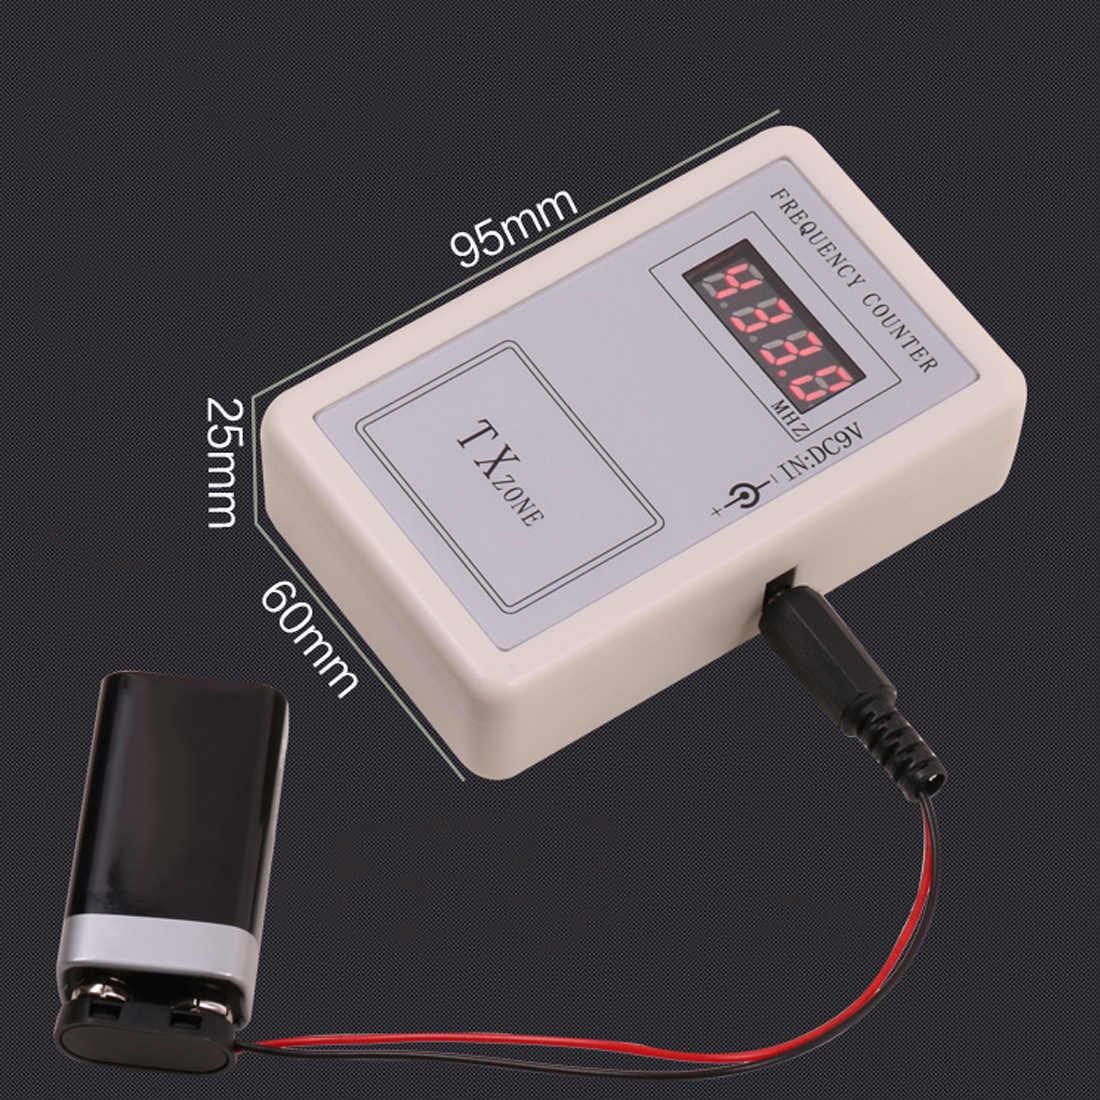 DC7.5V-12V pilot bezprzewodowy miernik częstotliwości licznik dla samochodu Auto Key pilot detektor Cymometer kabel zasilający